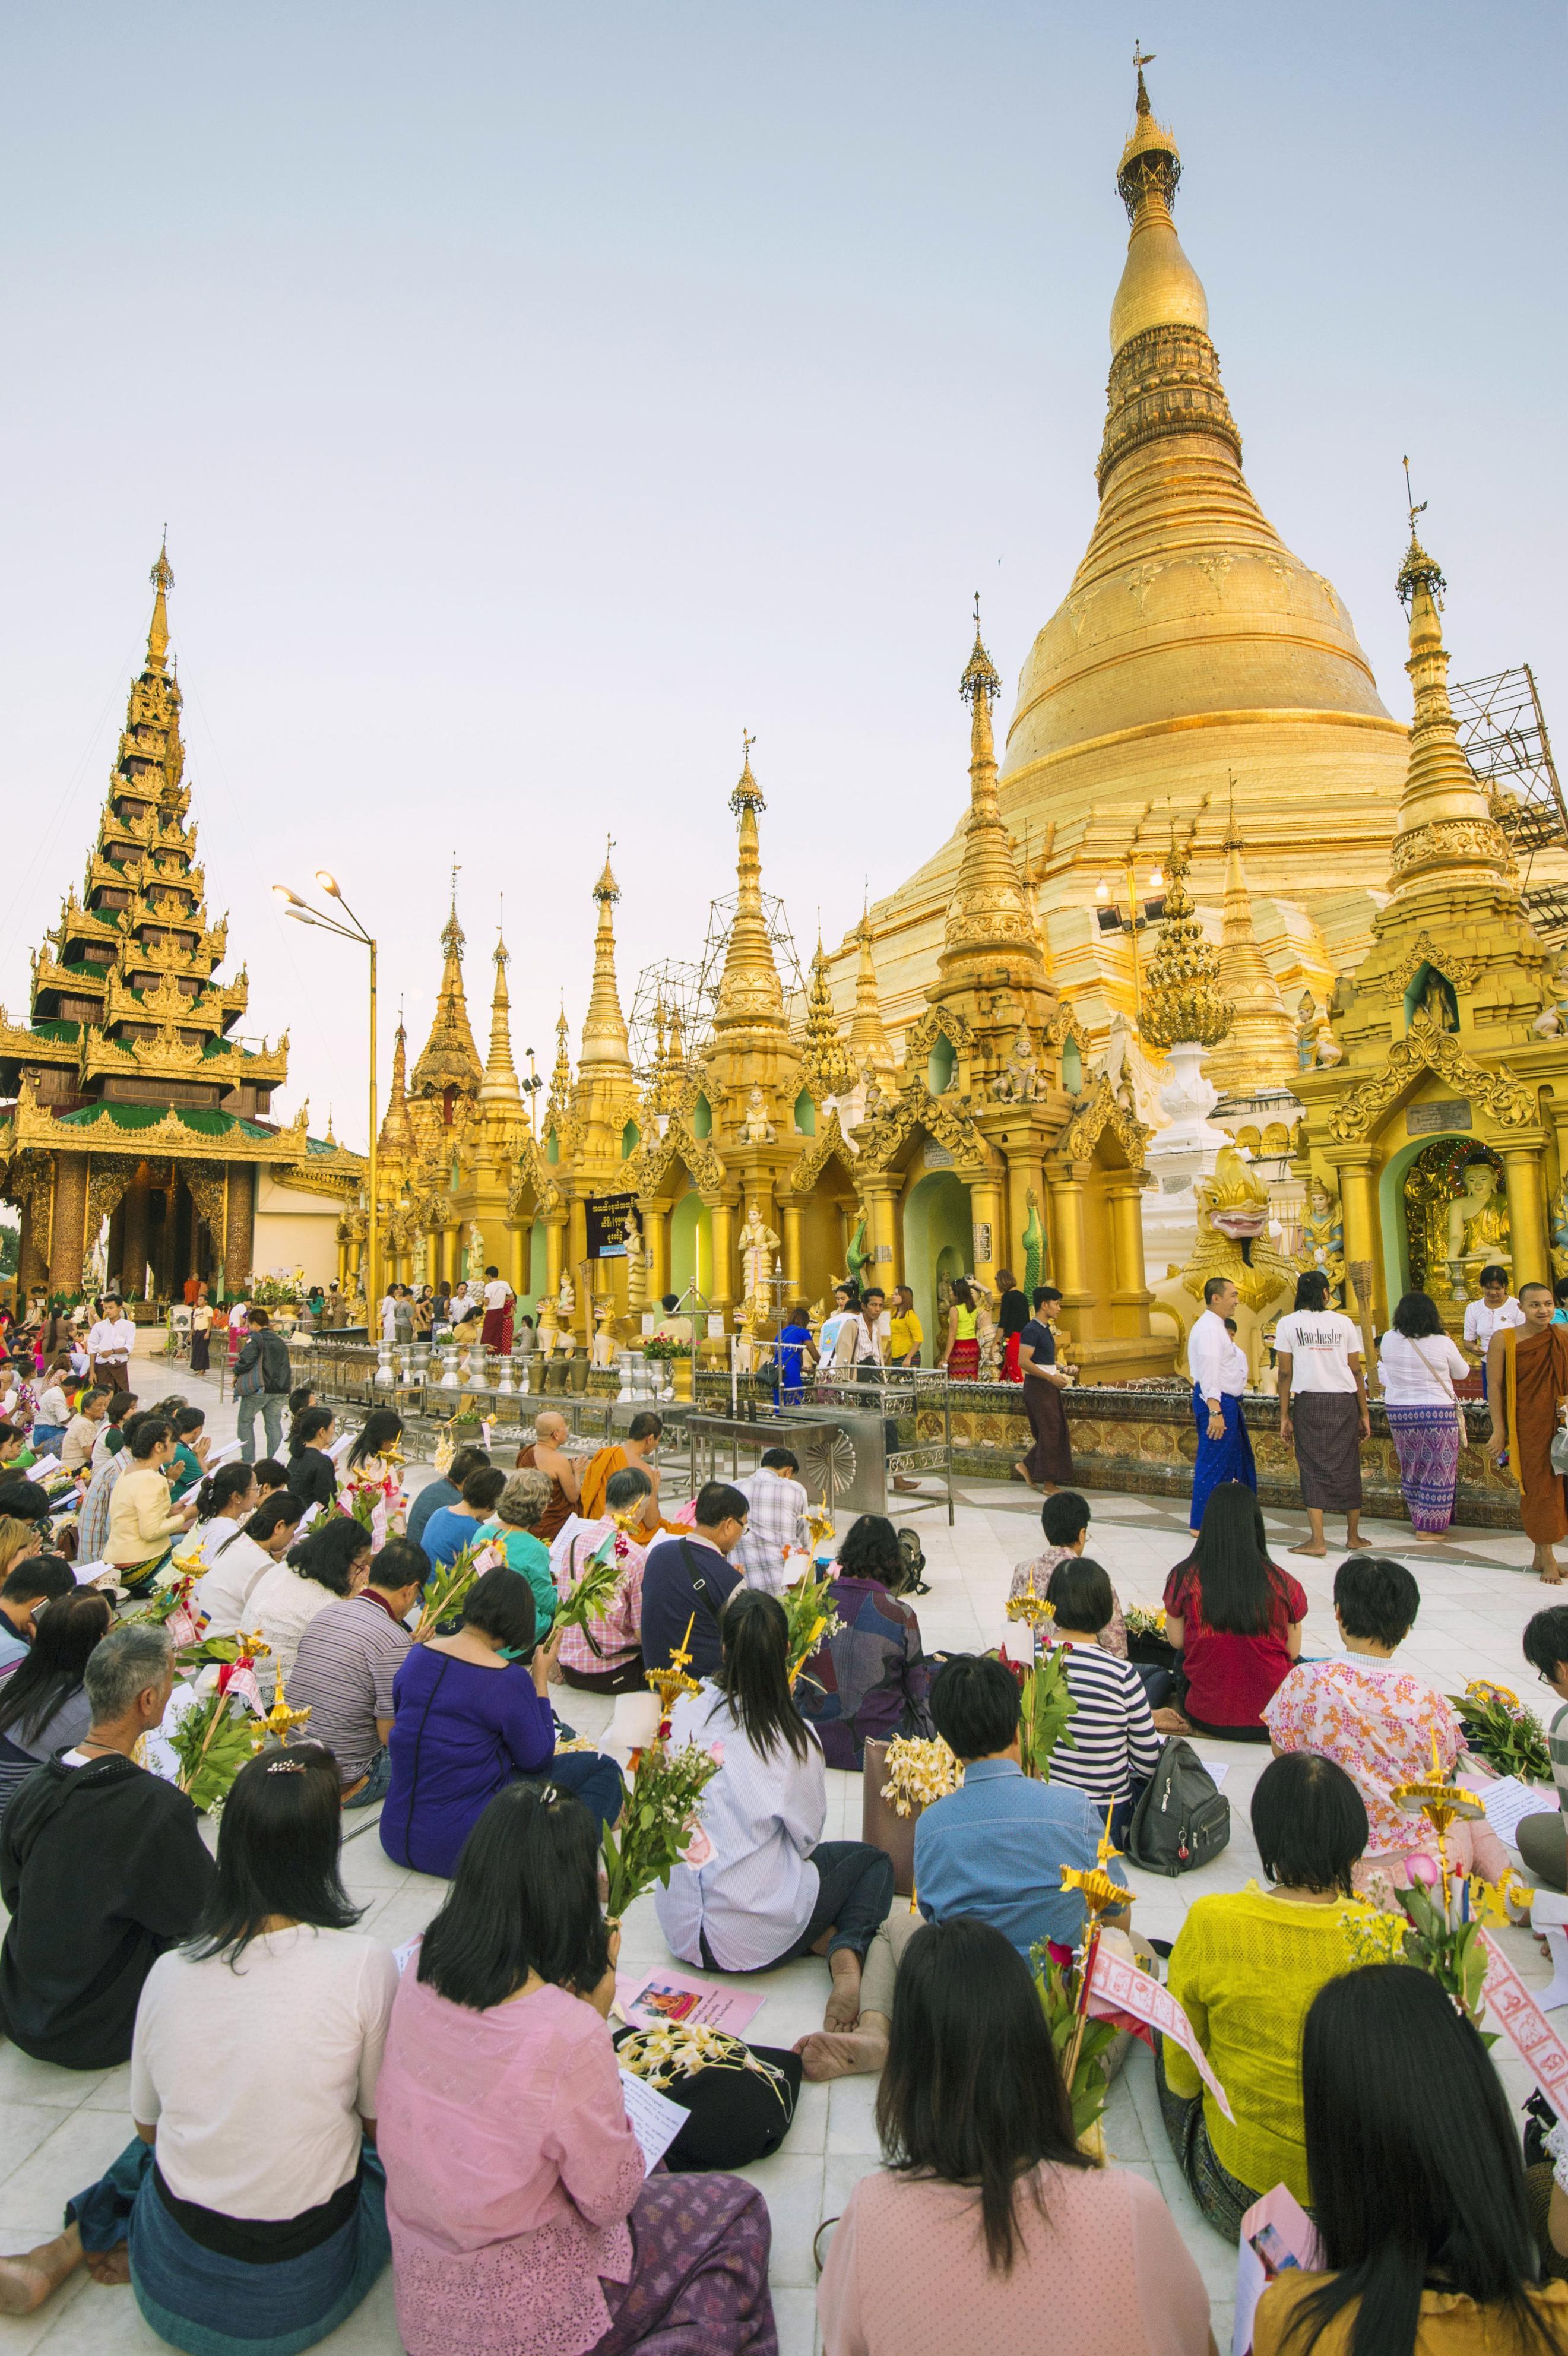 活動禁止期間中にミッターがよく訪れた最大都市ヤンゴンの仏塔、シュエダゴン・パゴダ。この日も大勢の人たちが祈りをささげていた(撮影・村山幸親、共同)